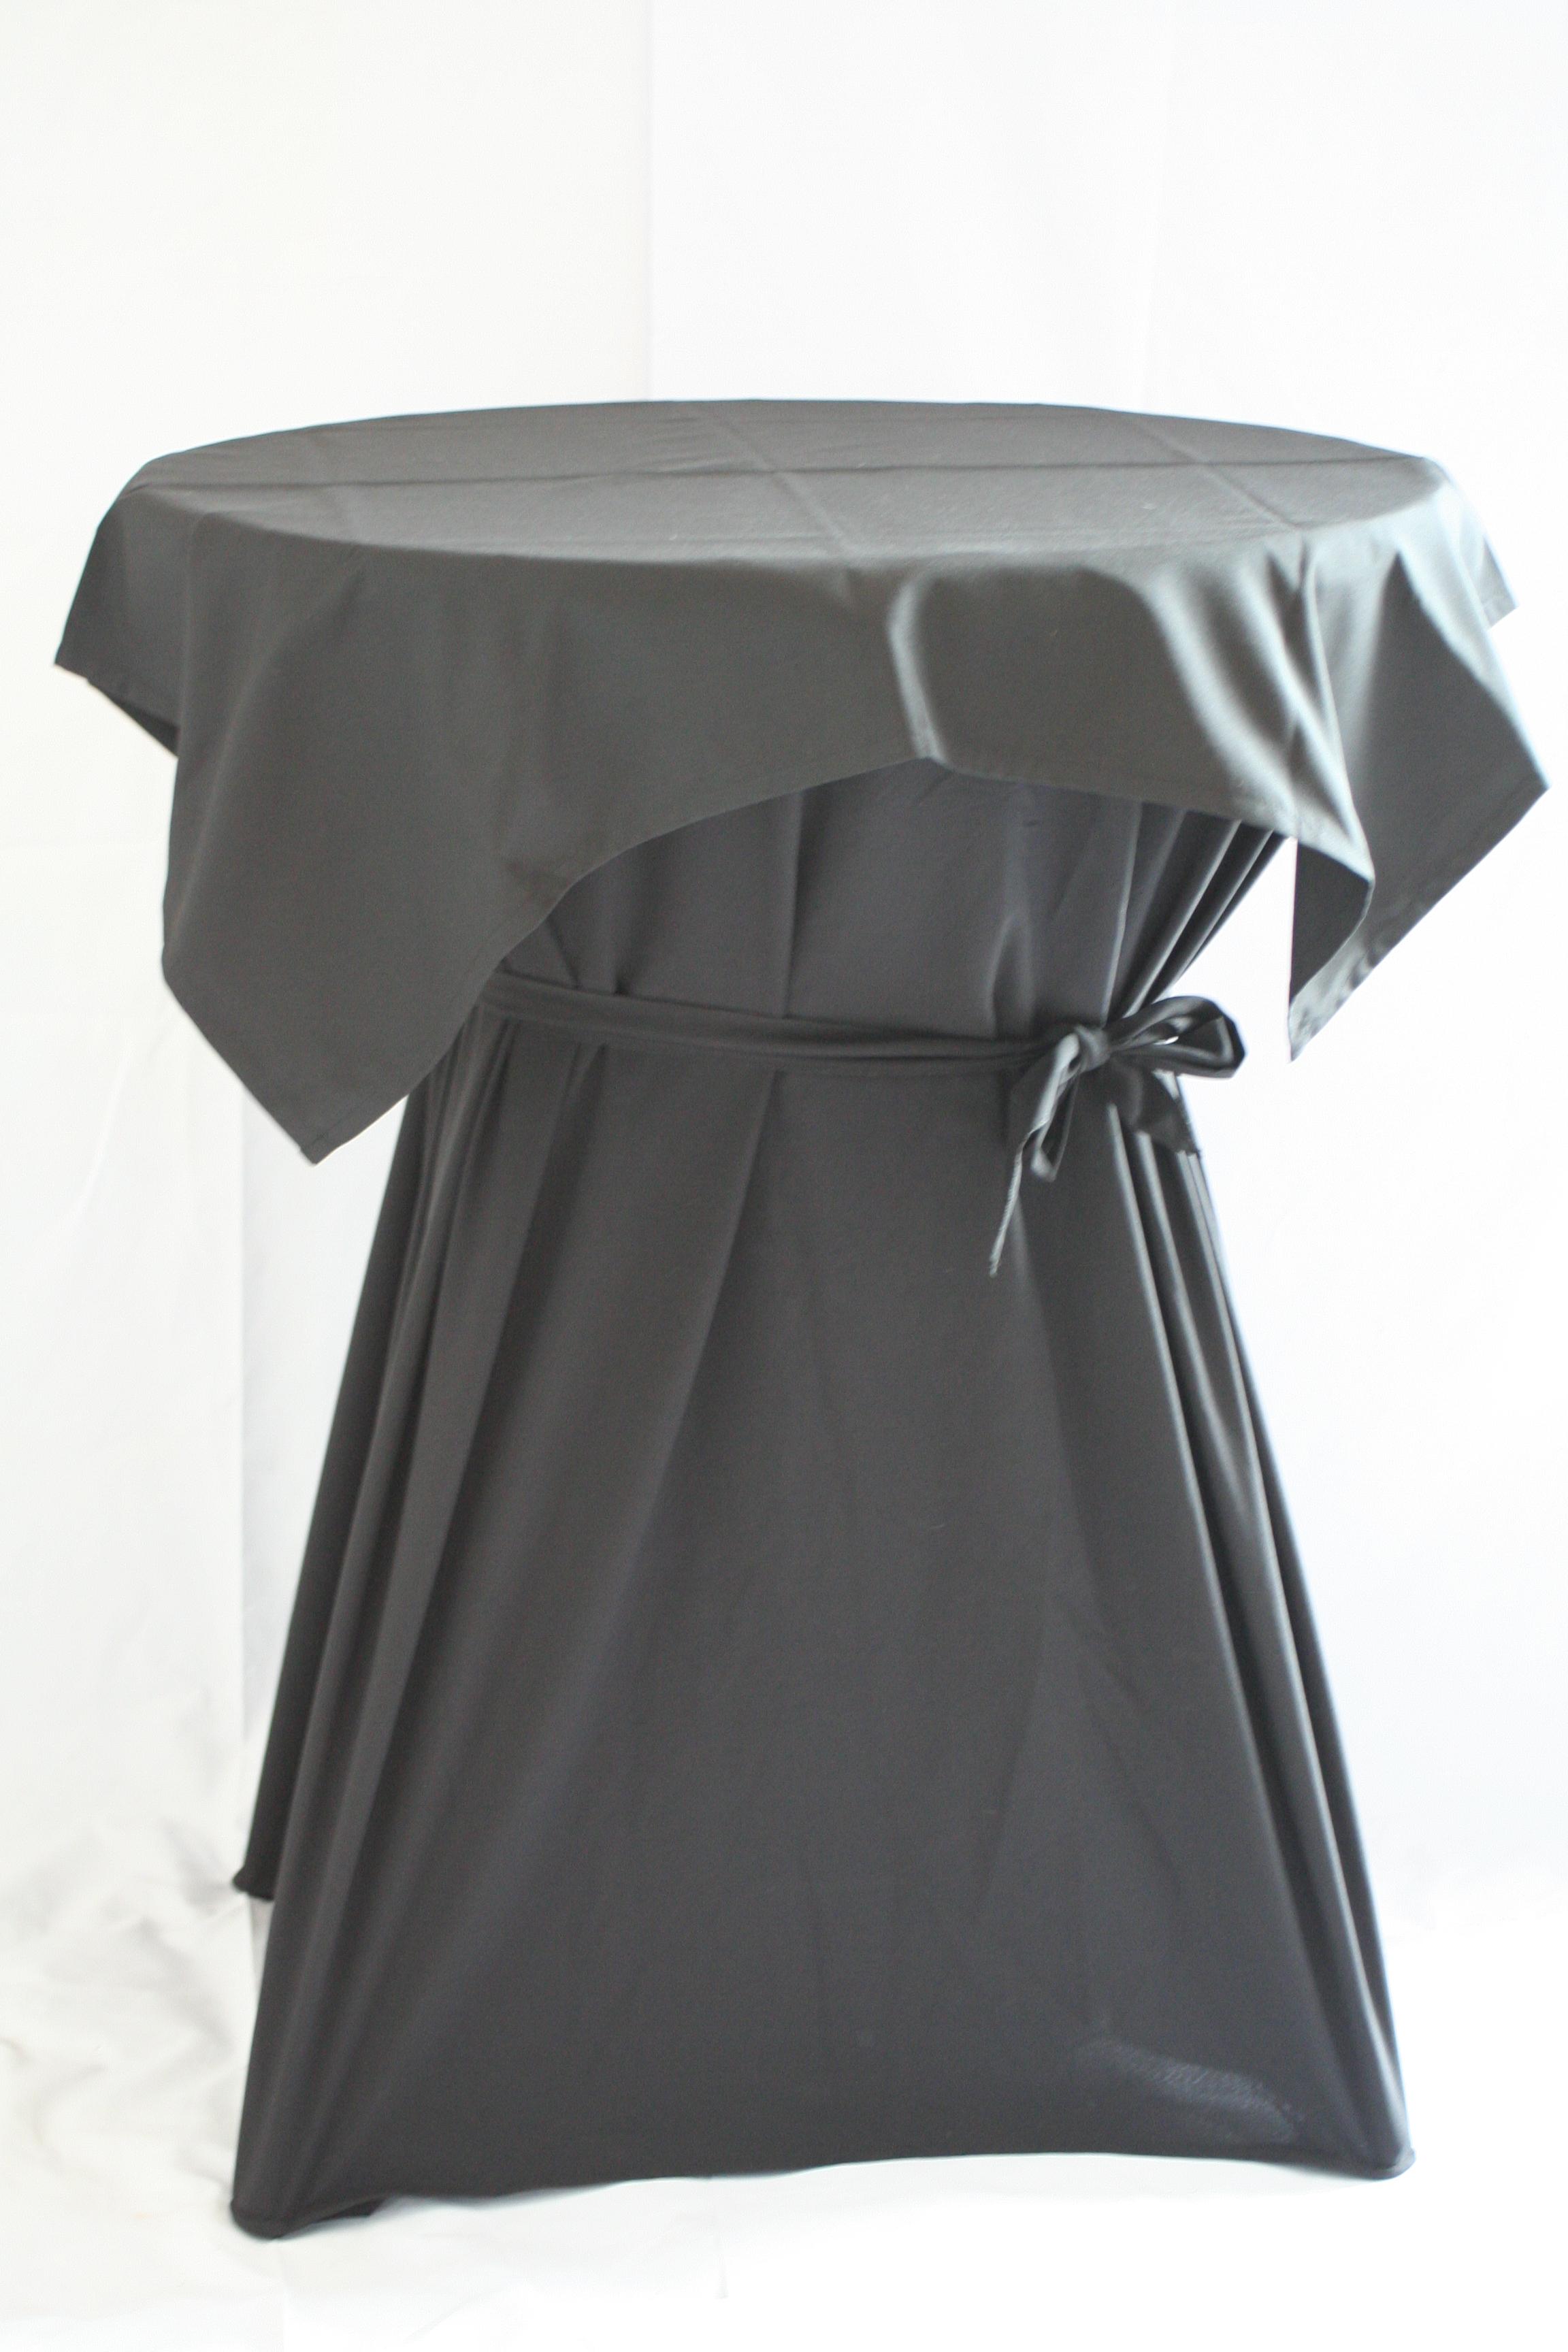 Tafelrok Voor Statafel.Tafelrok Met Afdek Kleed Zwart Voor Statafel